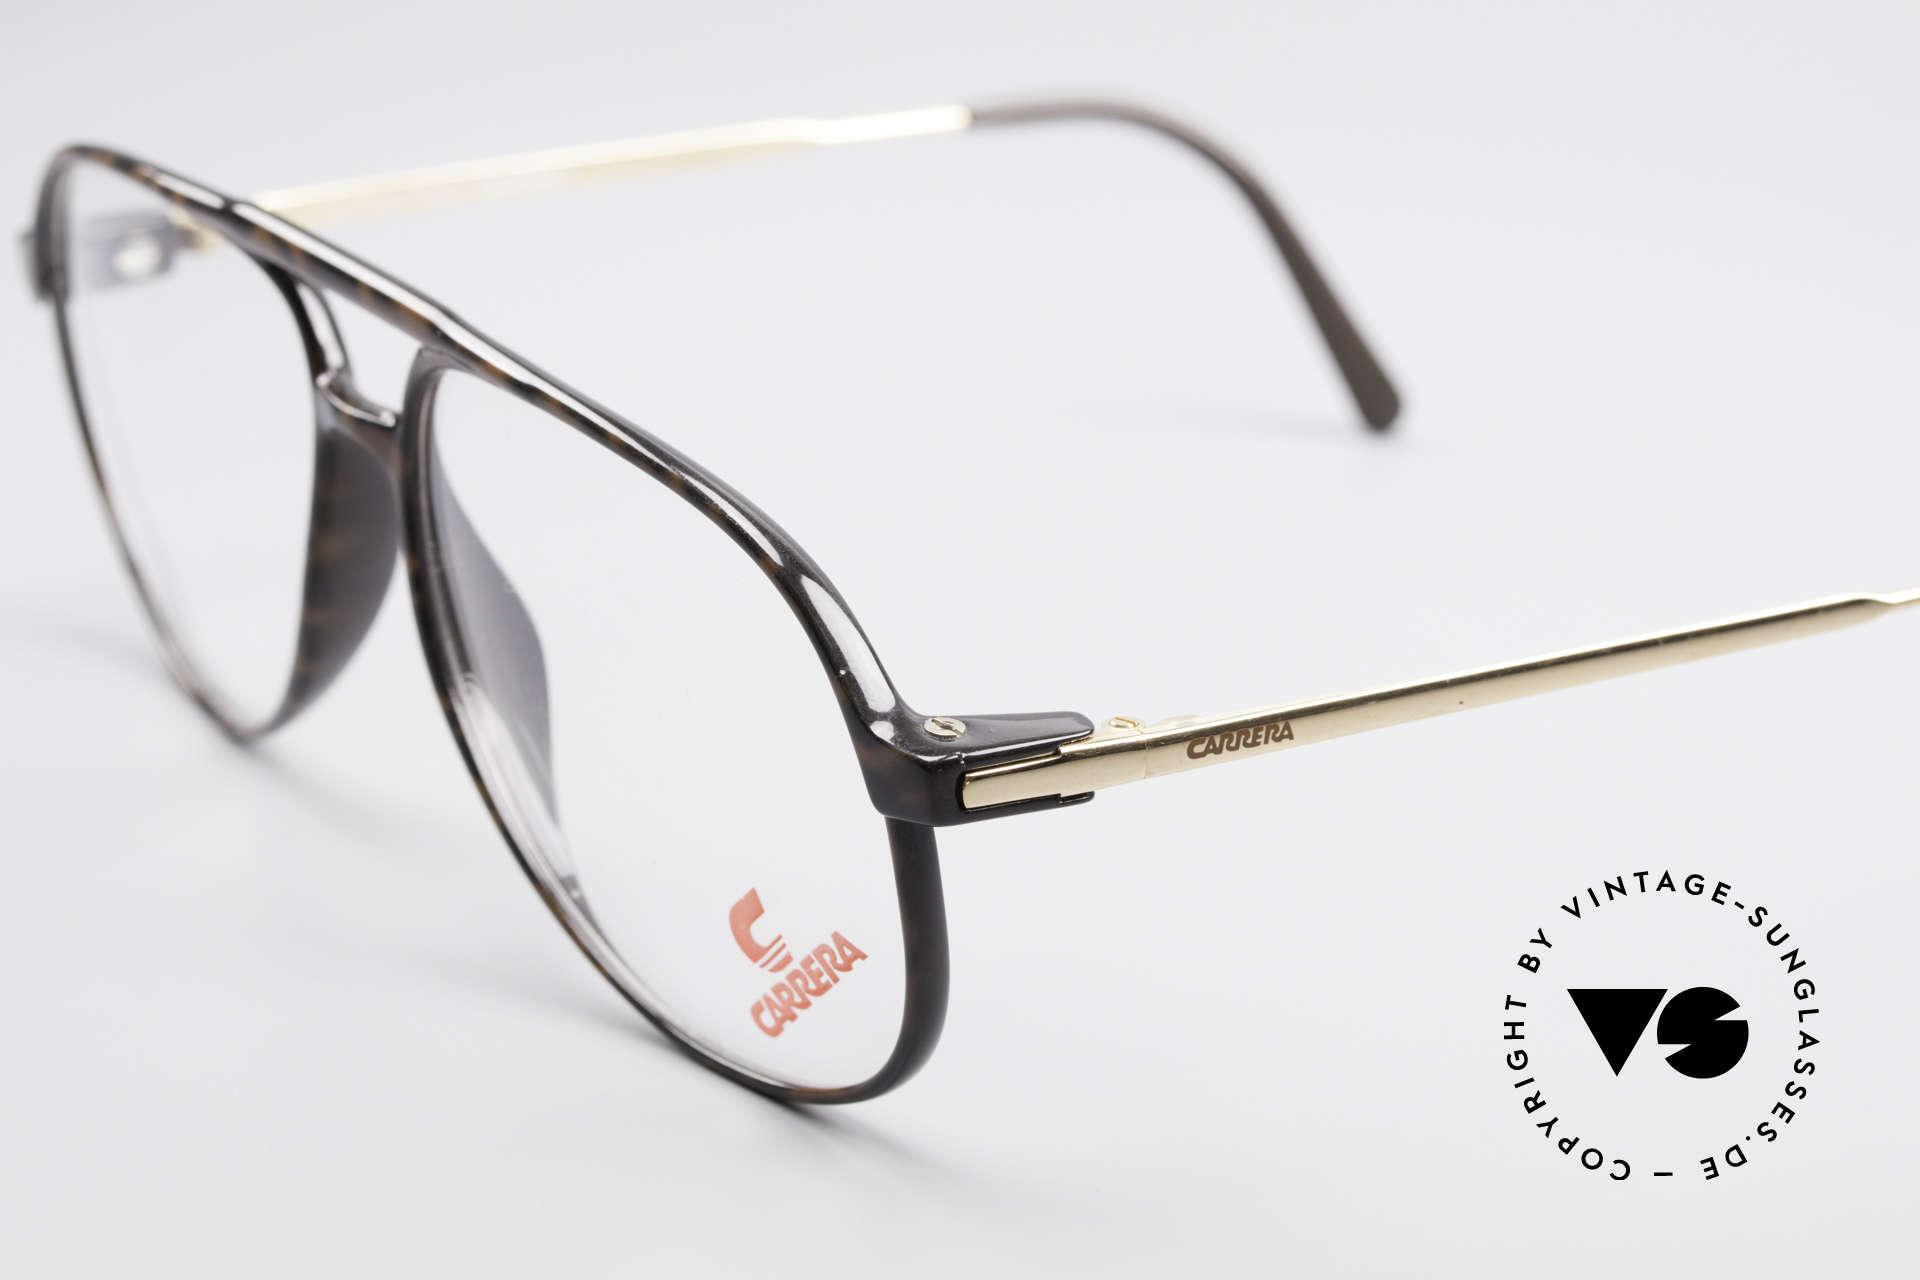 """Carrera 5355 Kohlefaser Vintage Brille 90er, klassische Pilotenform-Brille mit """"Doppelbrücke"""", Passend für Herren"""